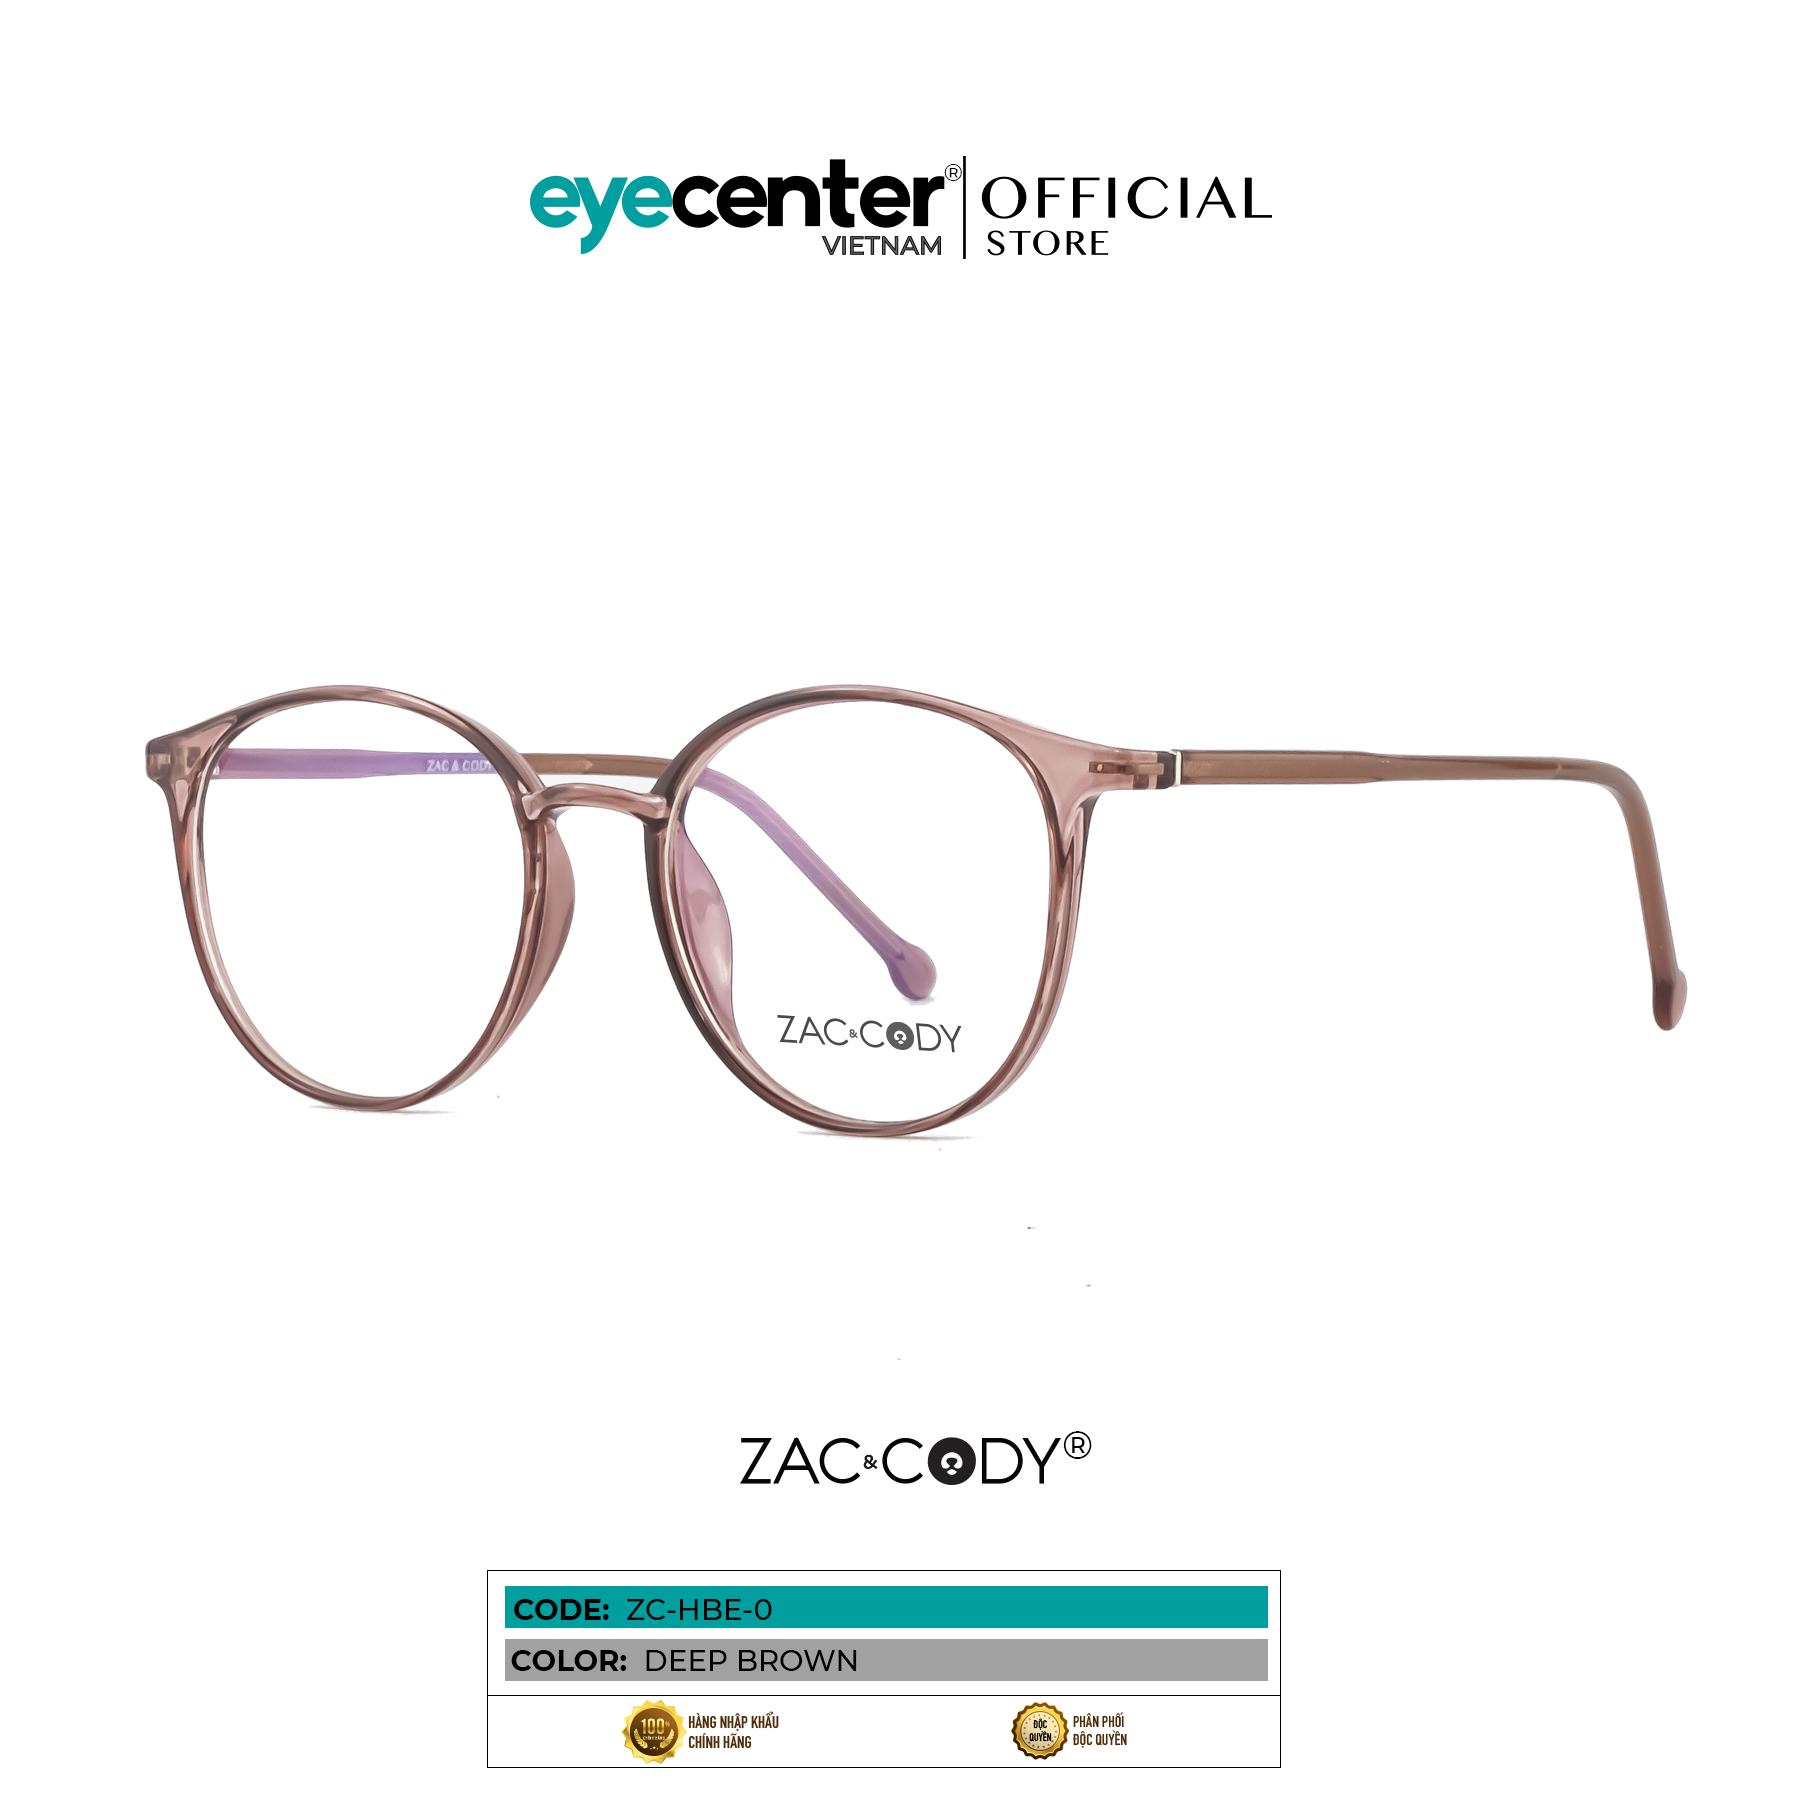 Mua Gọng kính cận unisex nam nữ chính hãng zac & cody mắt tròn nhiều màu lõi thép chống gãy, chân kính chất liệu nhựa dẻo, giúp bám tai tốt và không gây khó chịu khi đeo lâu